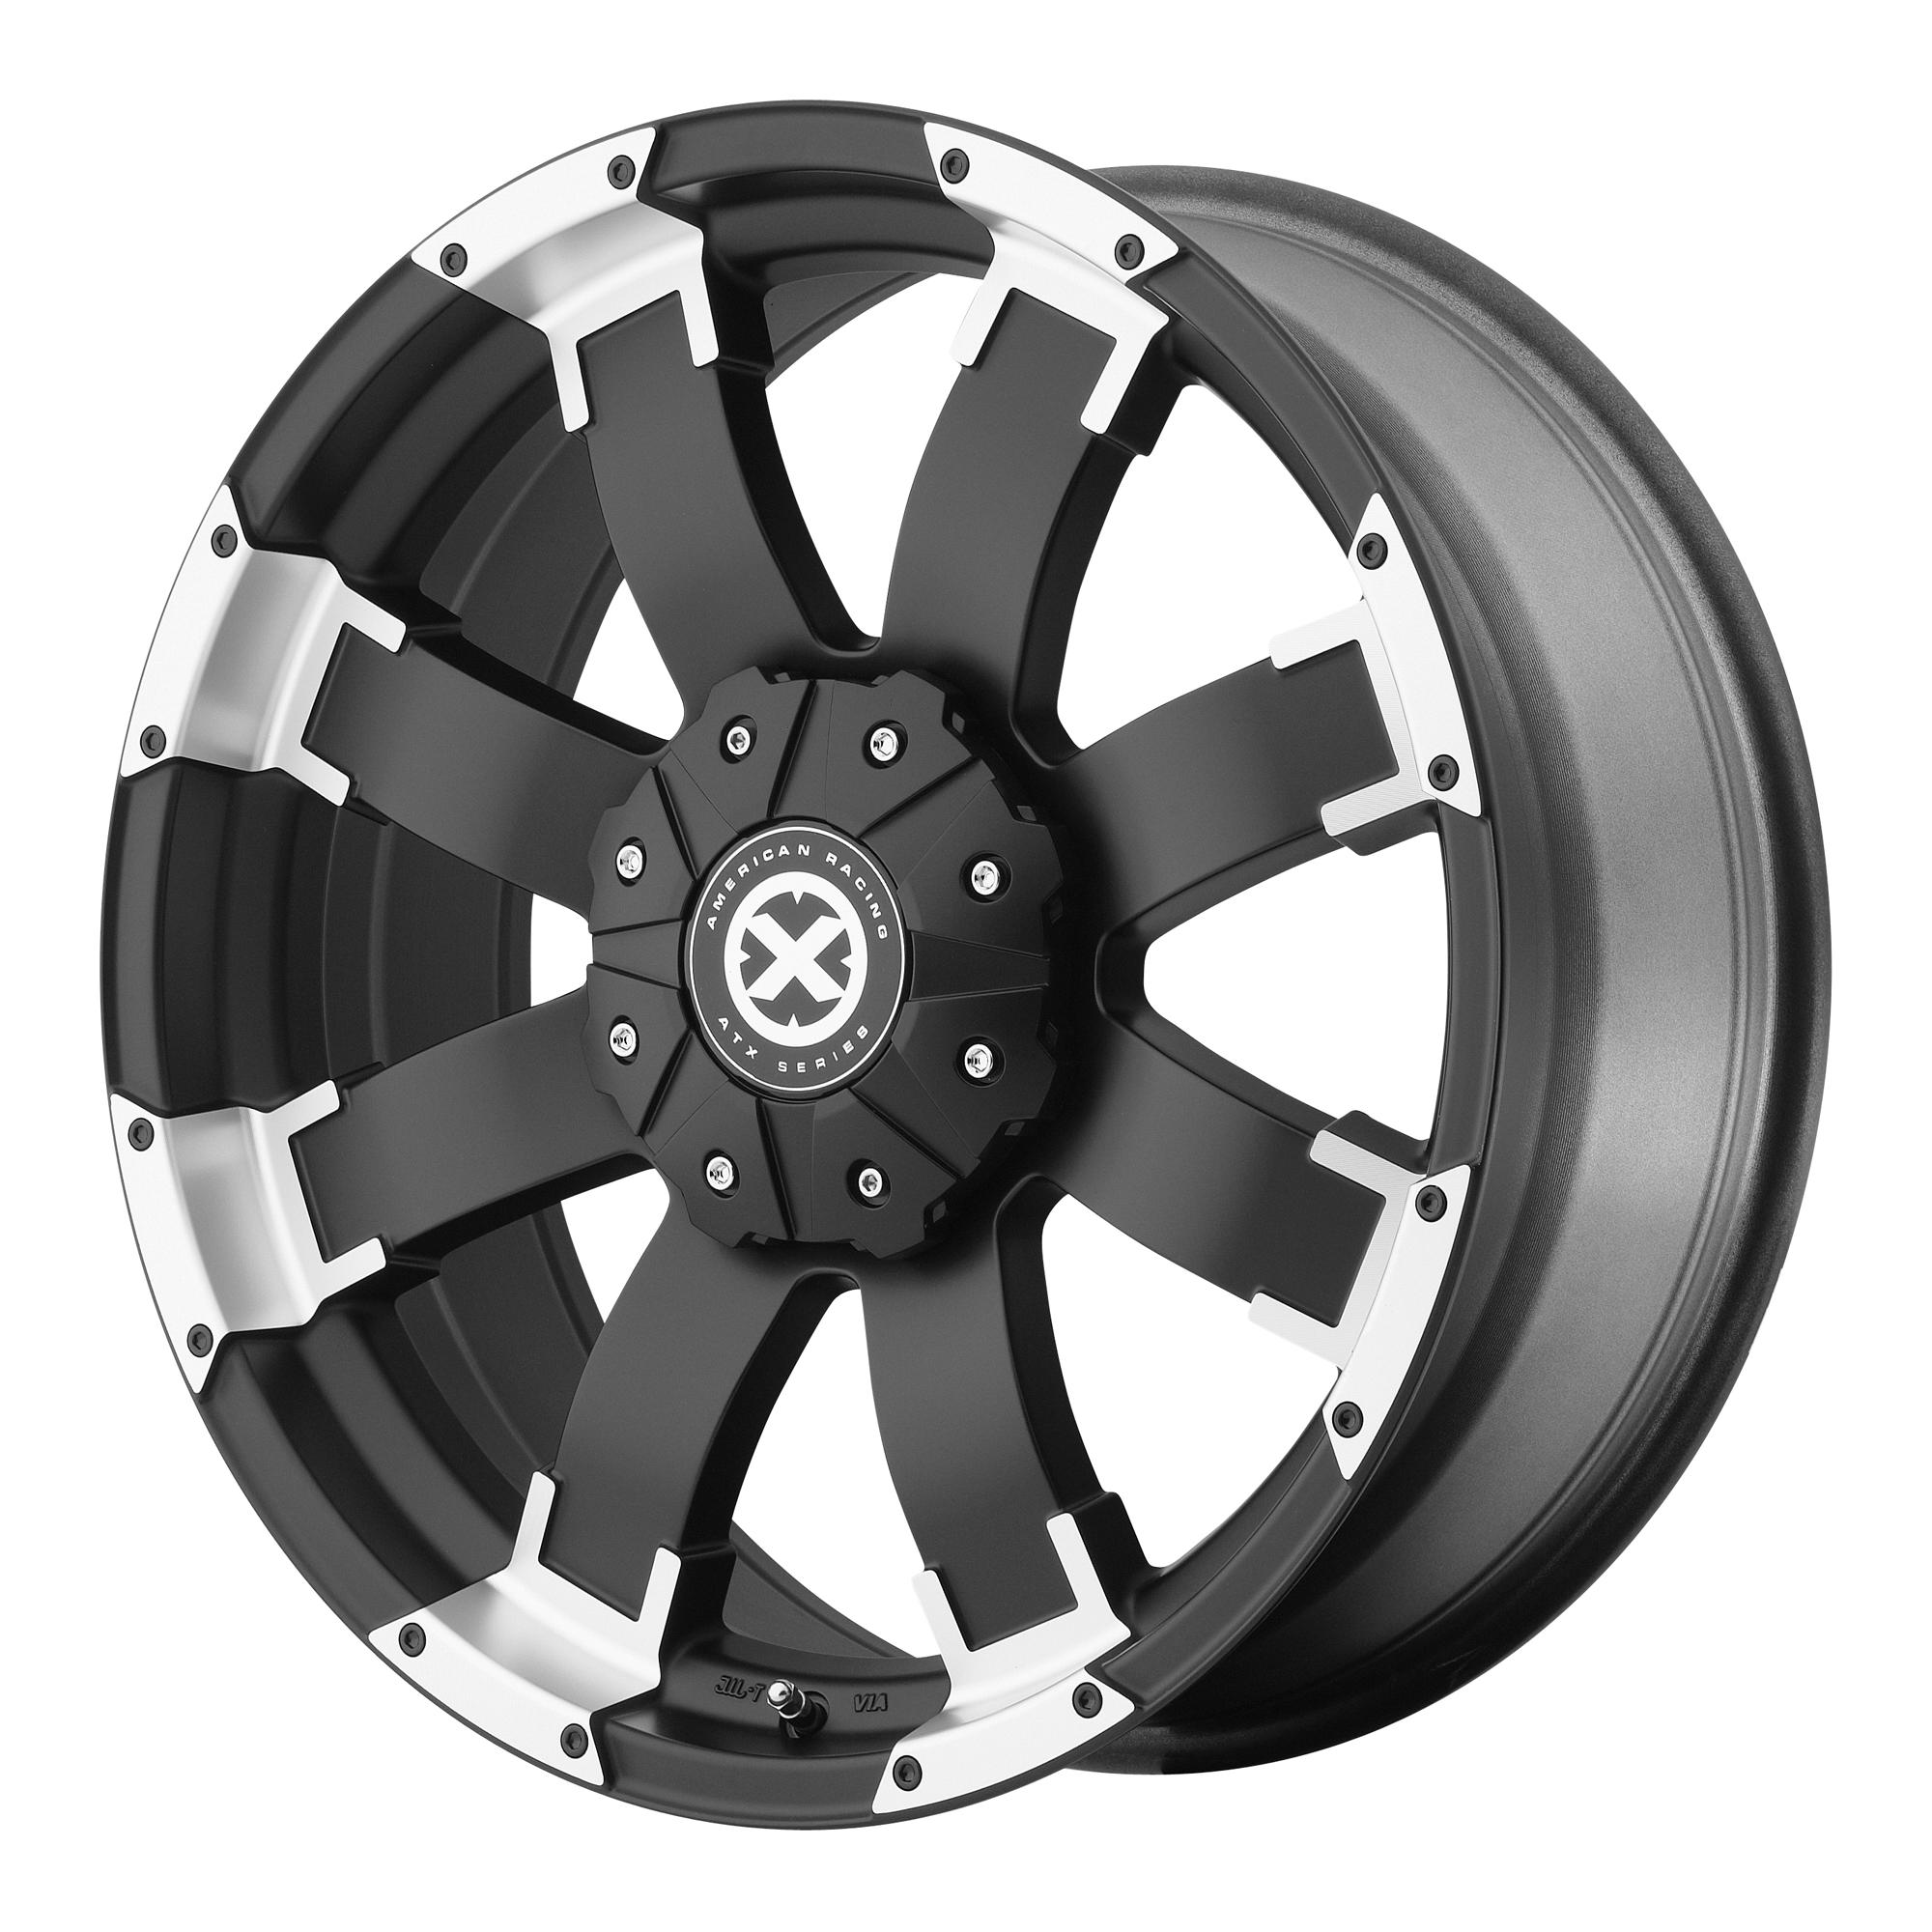 ATX Series AX19179052720